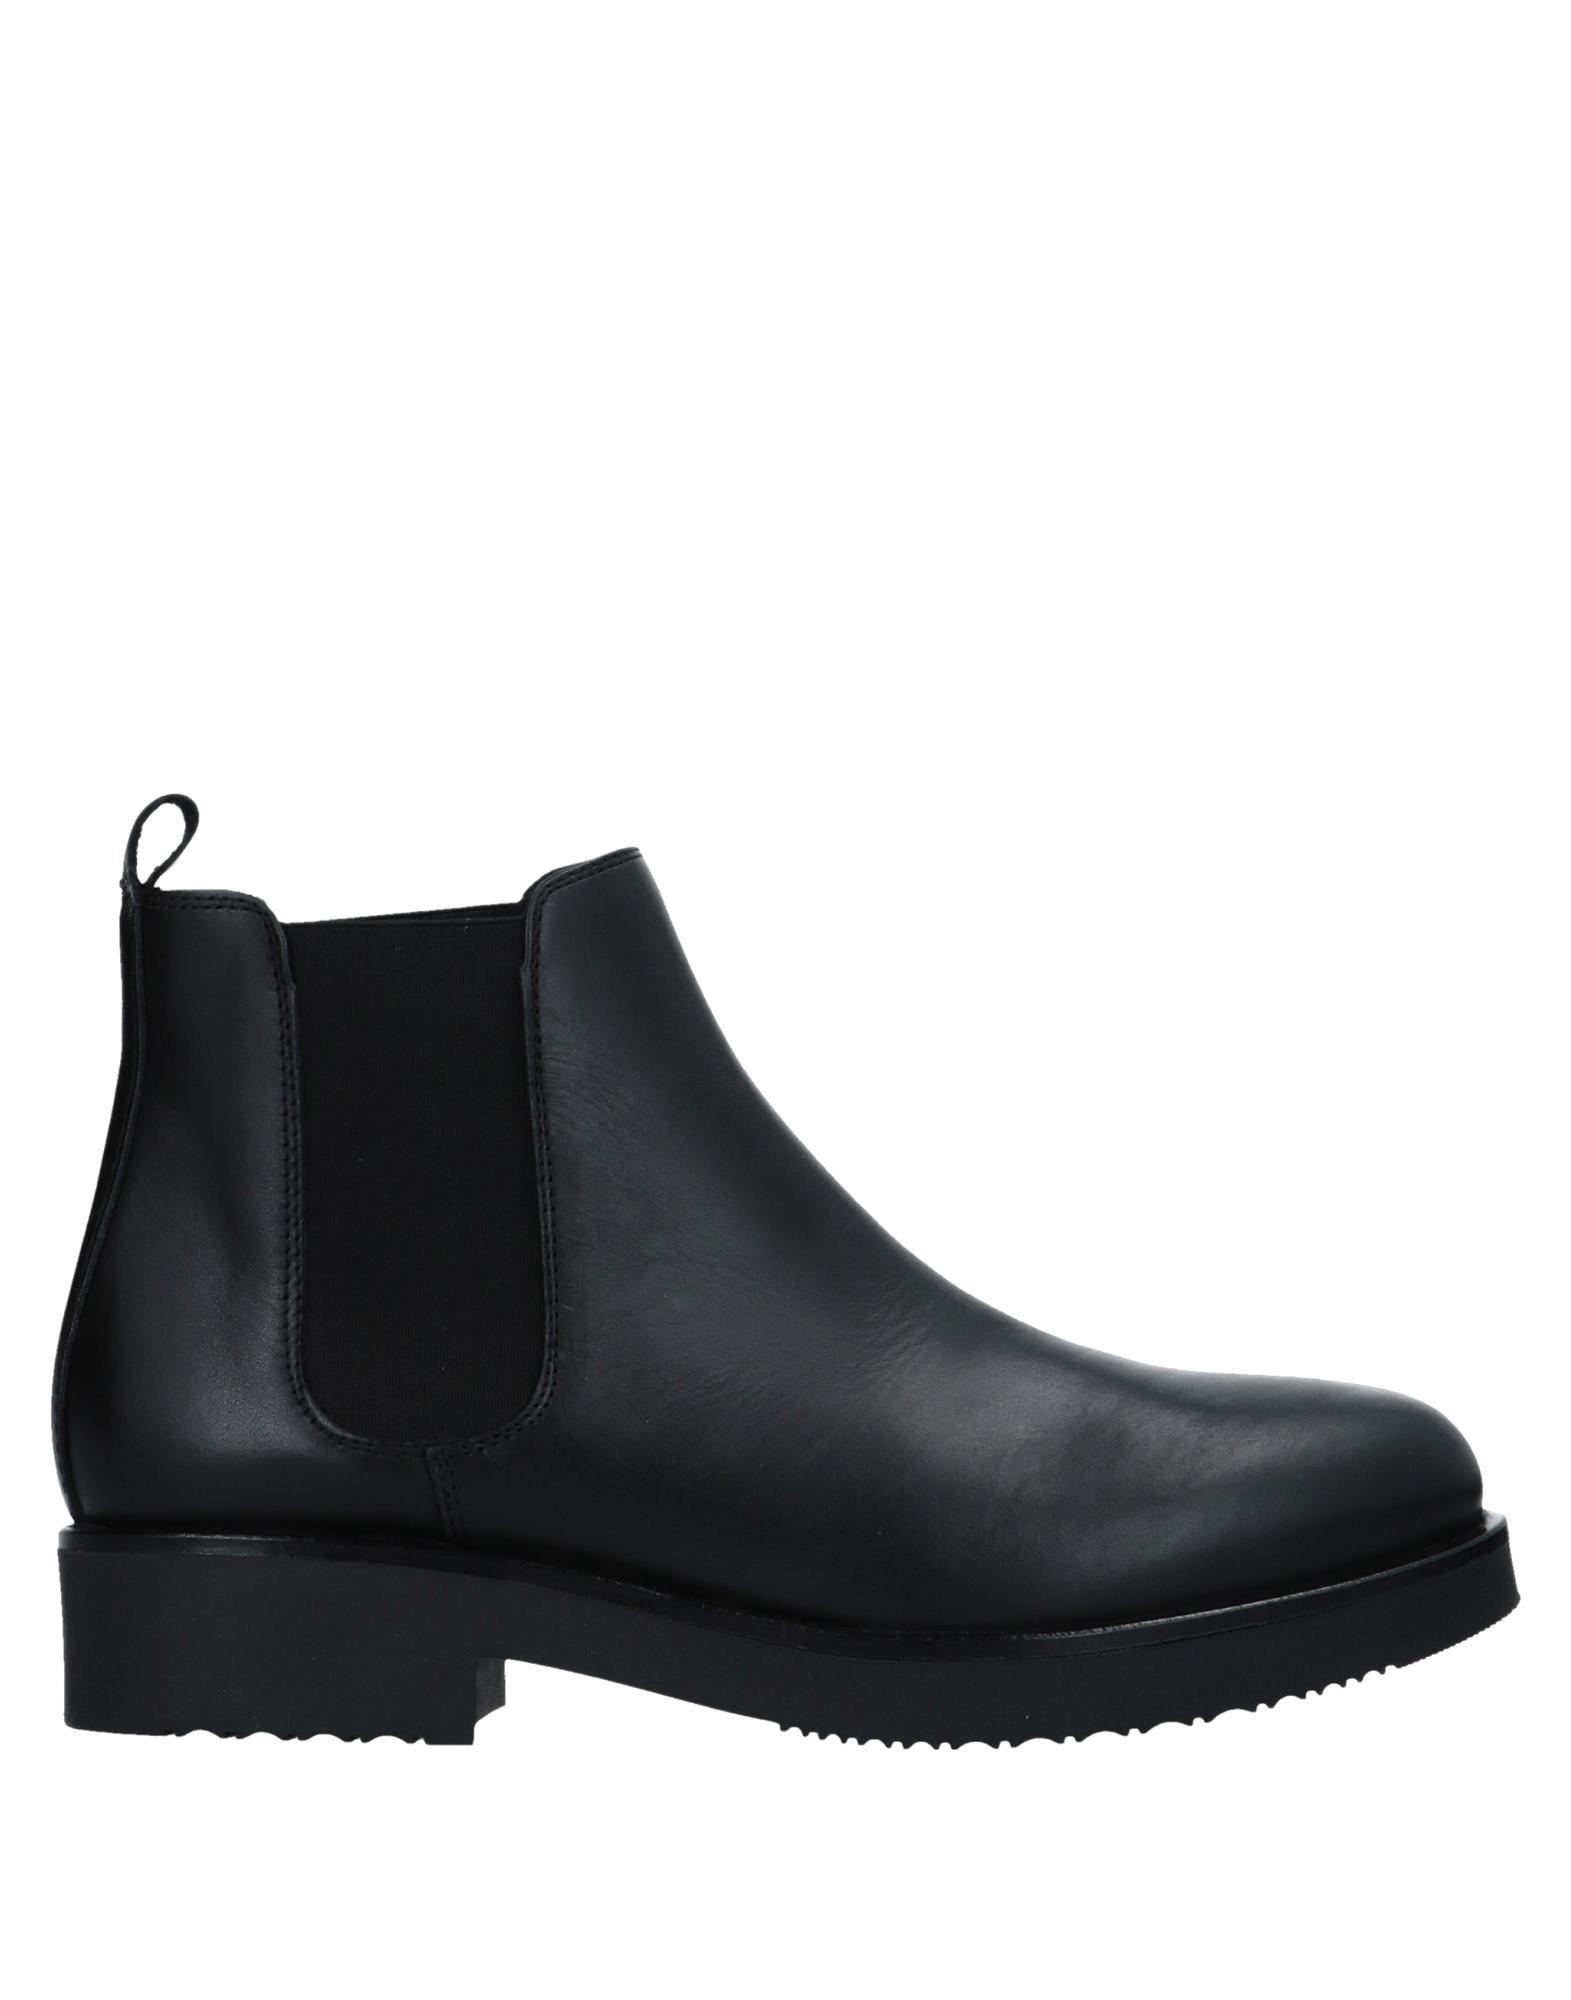 A&M COLLECTION Полусапоги и высокие ботинки ботинки zenden collection zenden collection ze012awvsq59